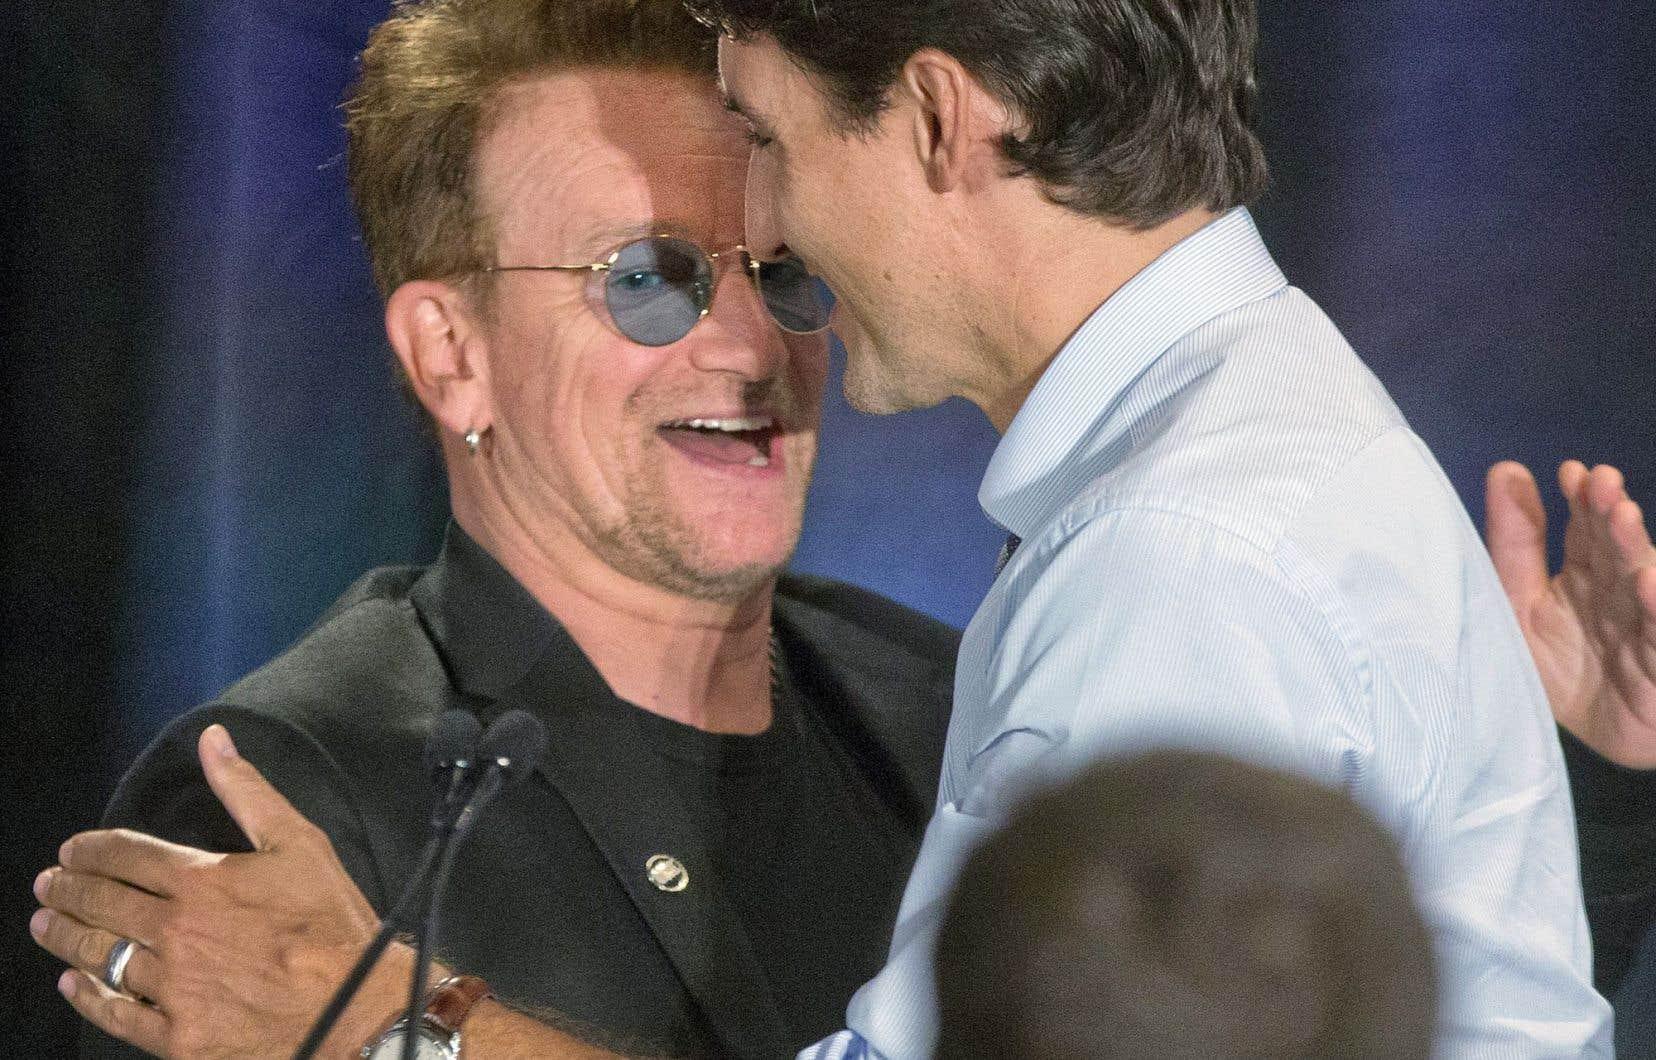 Le chanteur Bono, ici en compagnie du premier ministre, a louangé le Canada pour avoir servi de chef de file dans la lutte contre le sida, la tuberculose et le paludisme.